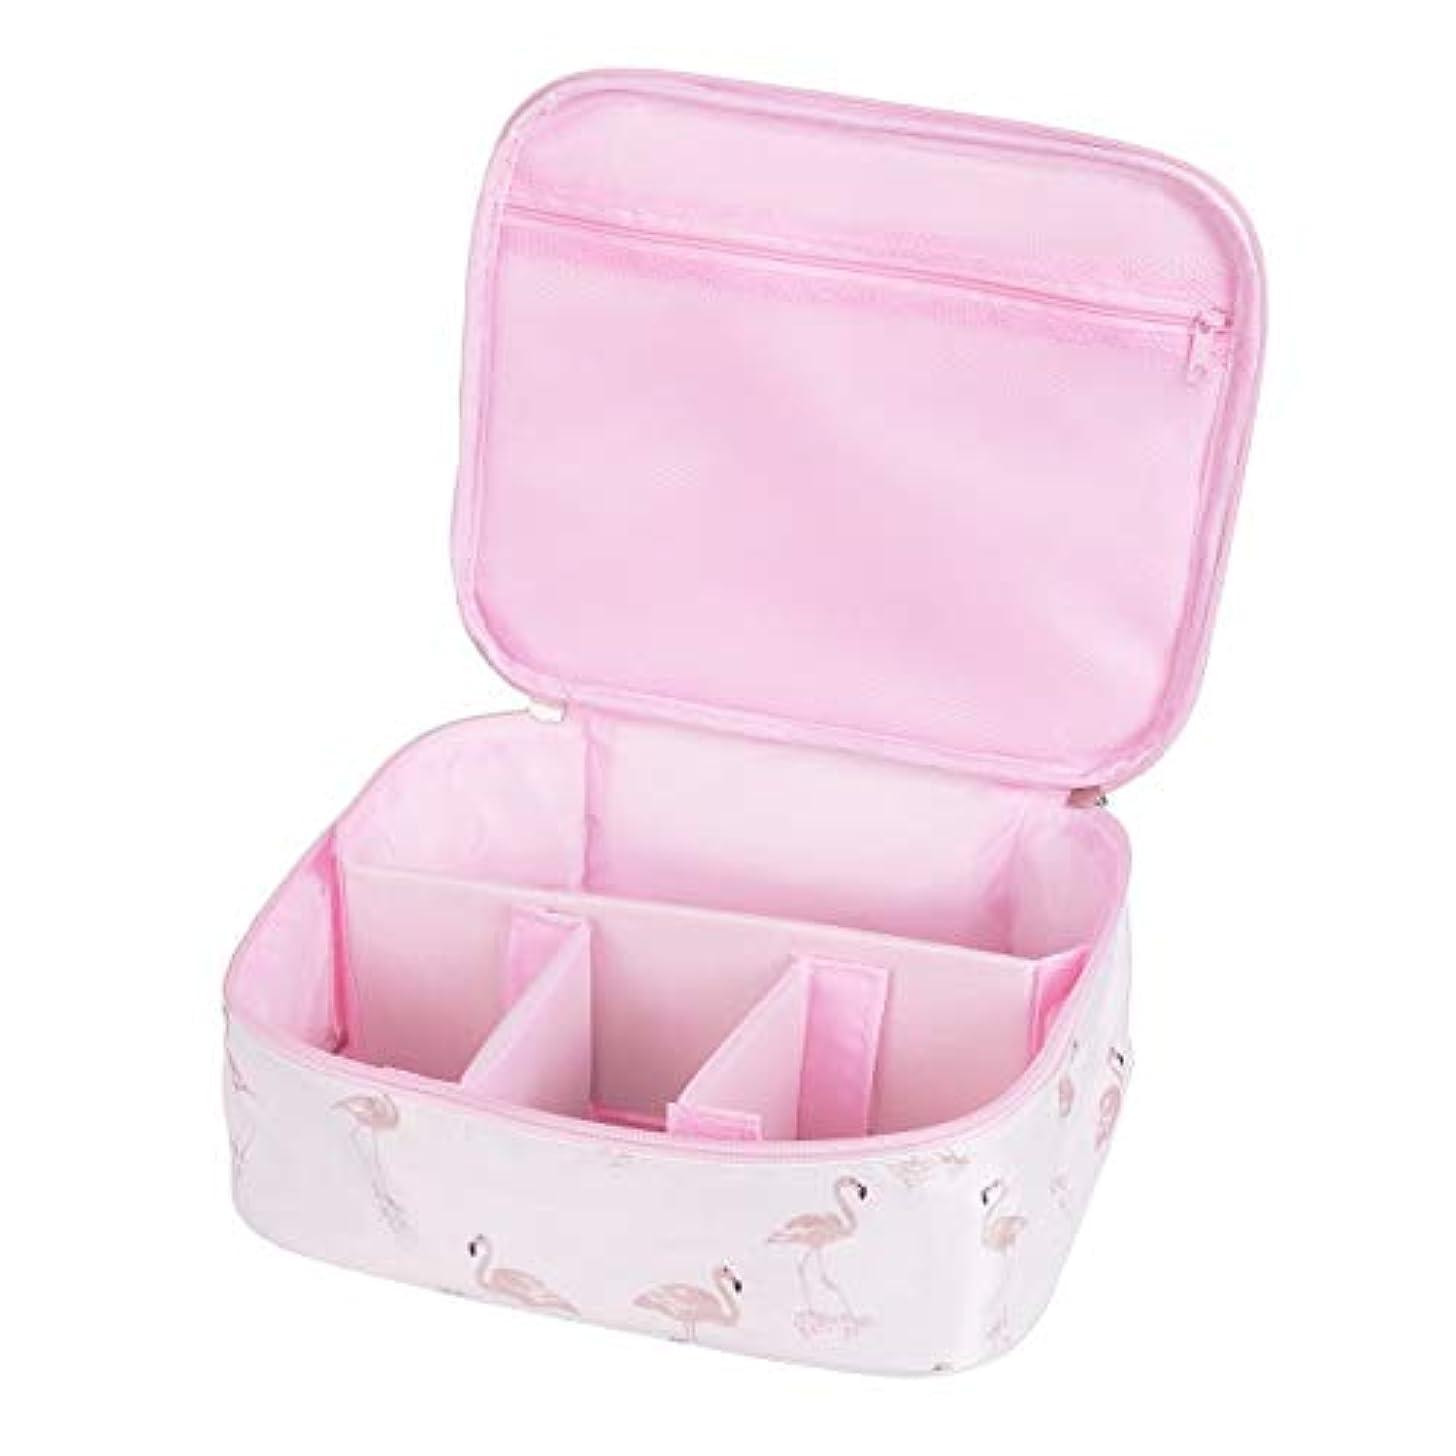 概要勝利したうがい薬[CAWKAY] メイクボックス 旅行用化粧ケース コスメ バッグ ボックス トラベル化粧ポーチ メイクブラシ 小物入れ 収納